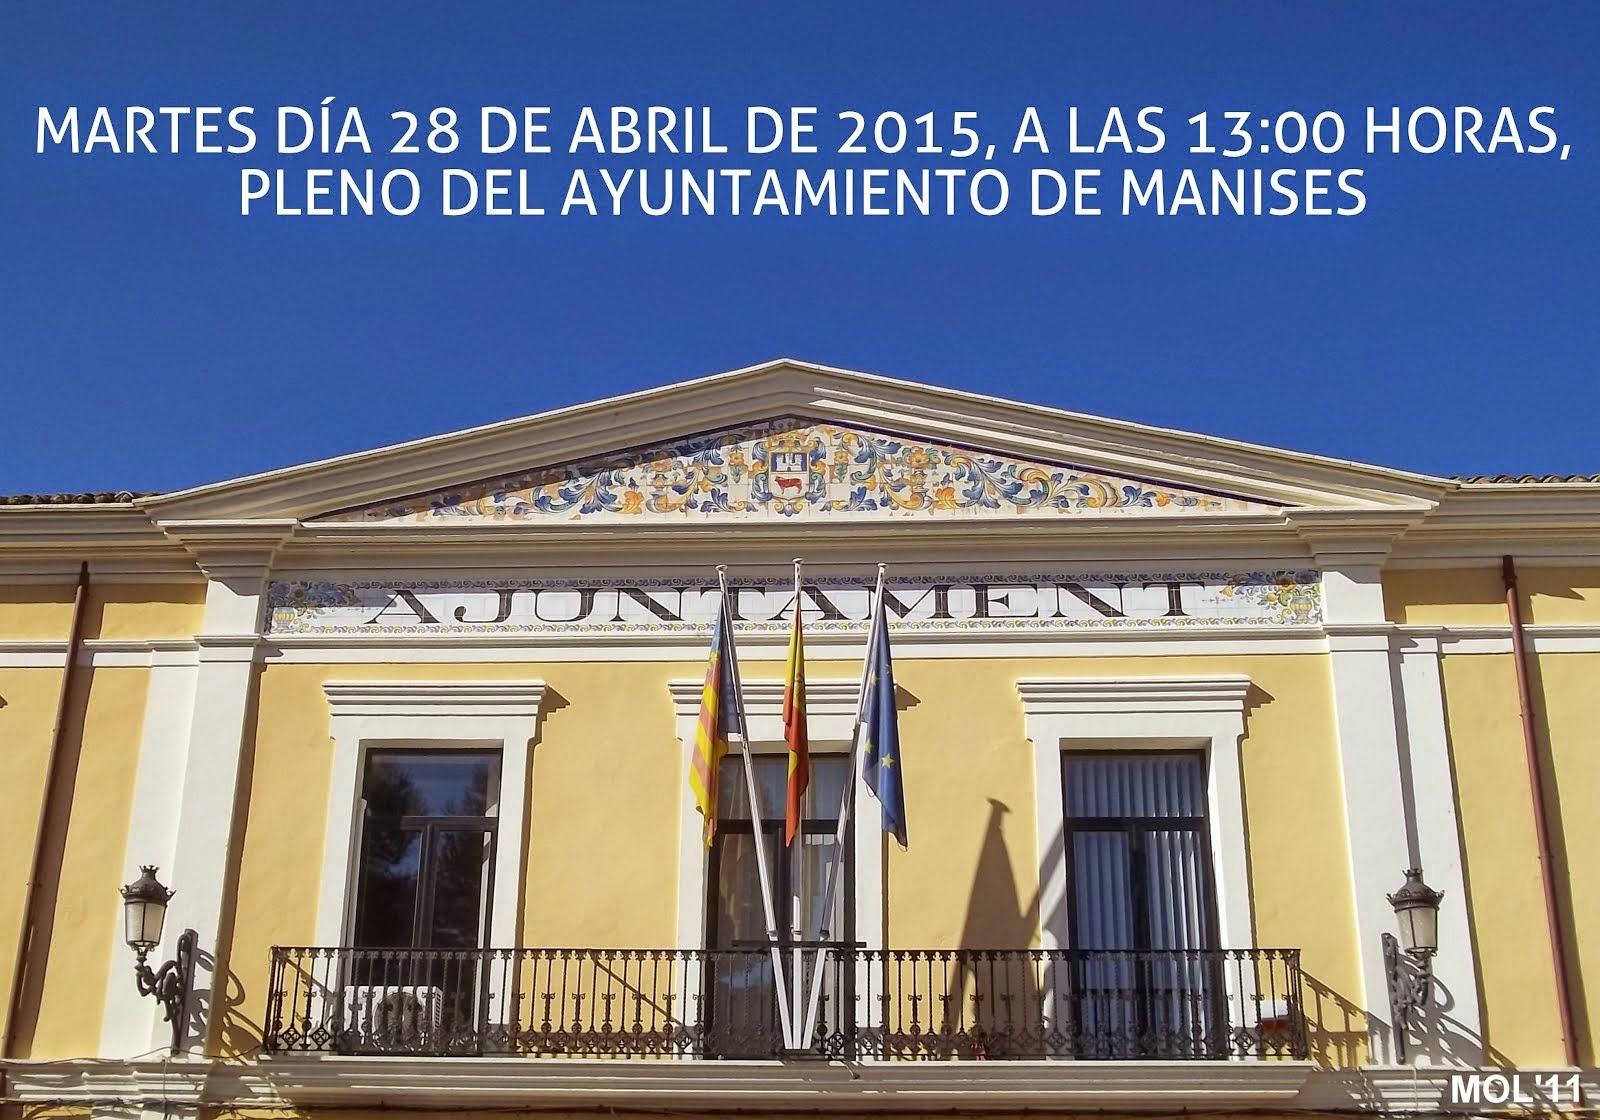 PLENO DEL AYUNTAMIENTO DE MANISES: ABRIL DE 2015